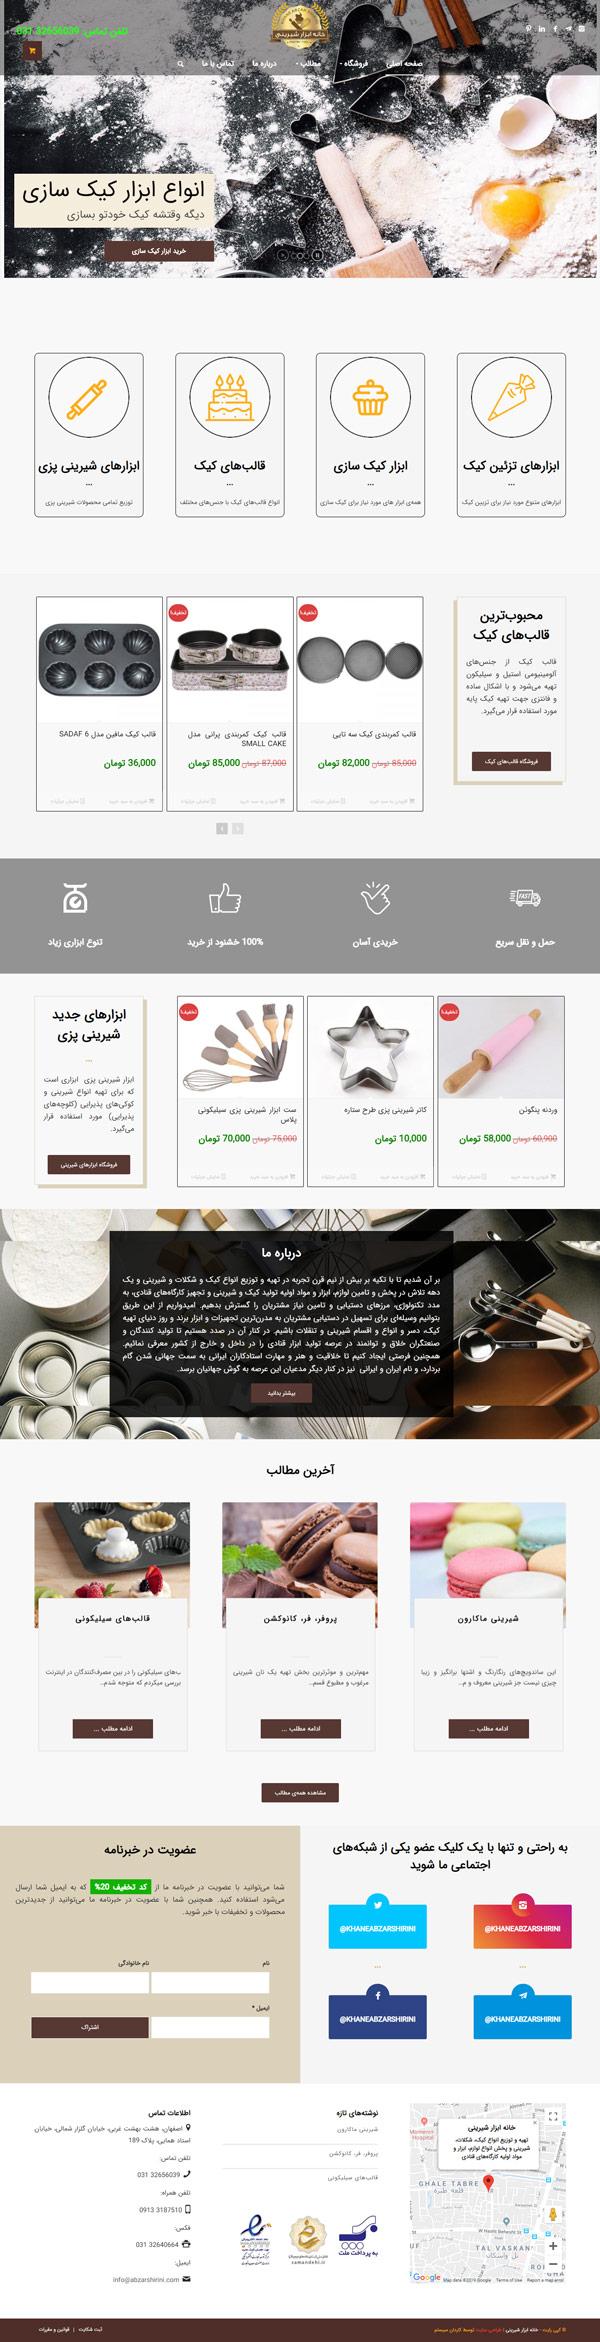 طراحی سایت خانه ابزار شیرینی | فروش ابزار شیرینی پزی